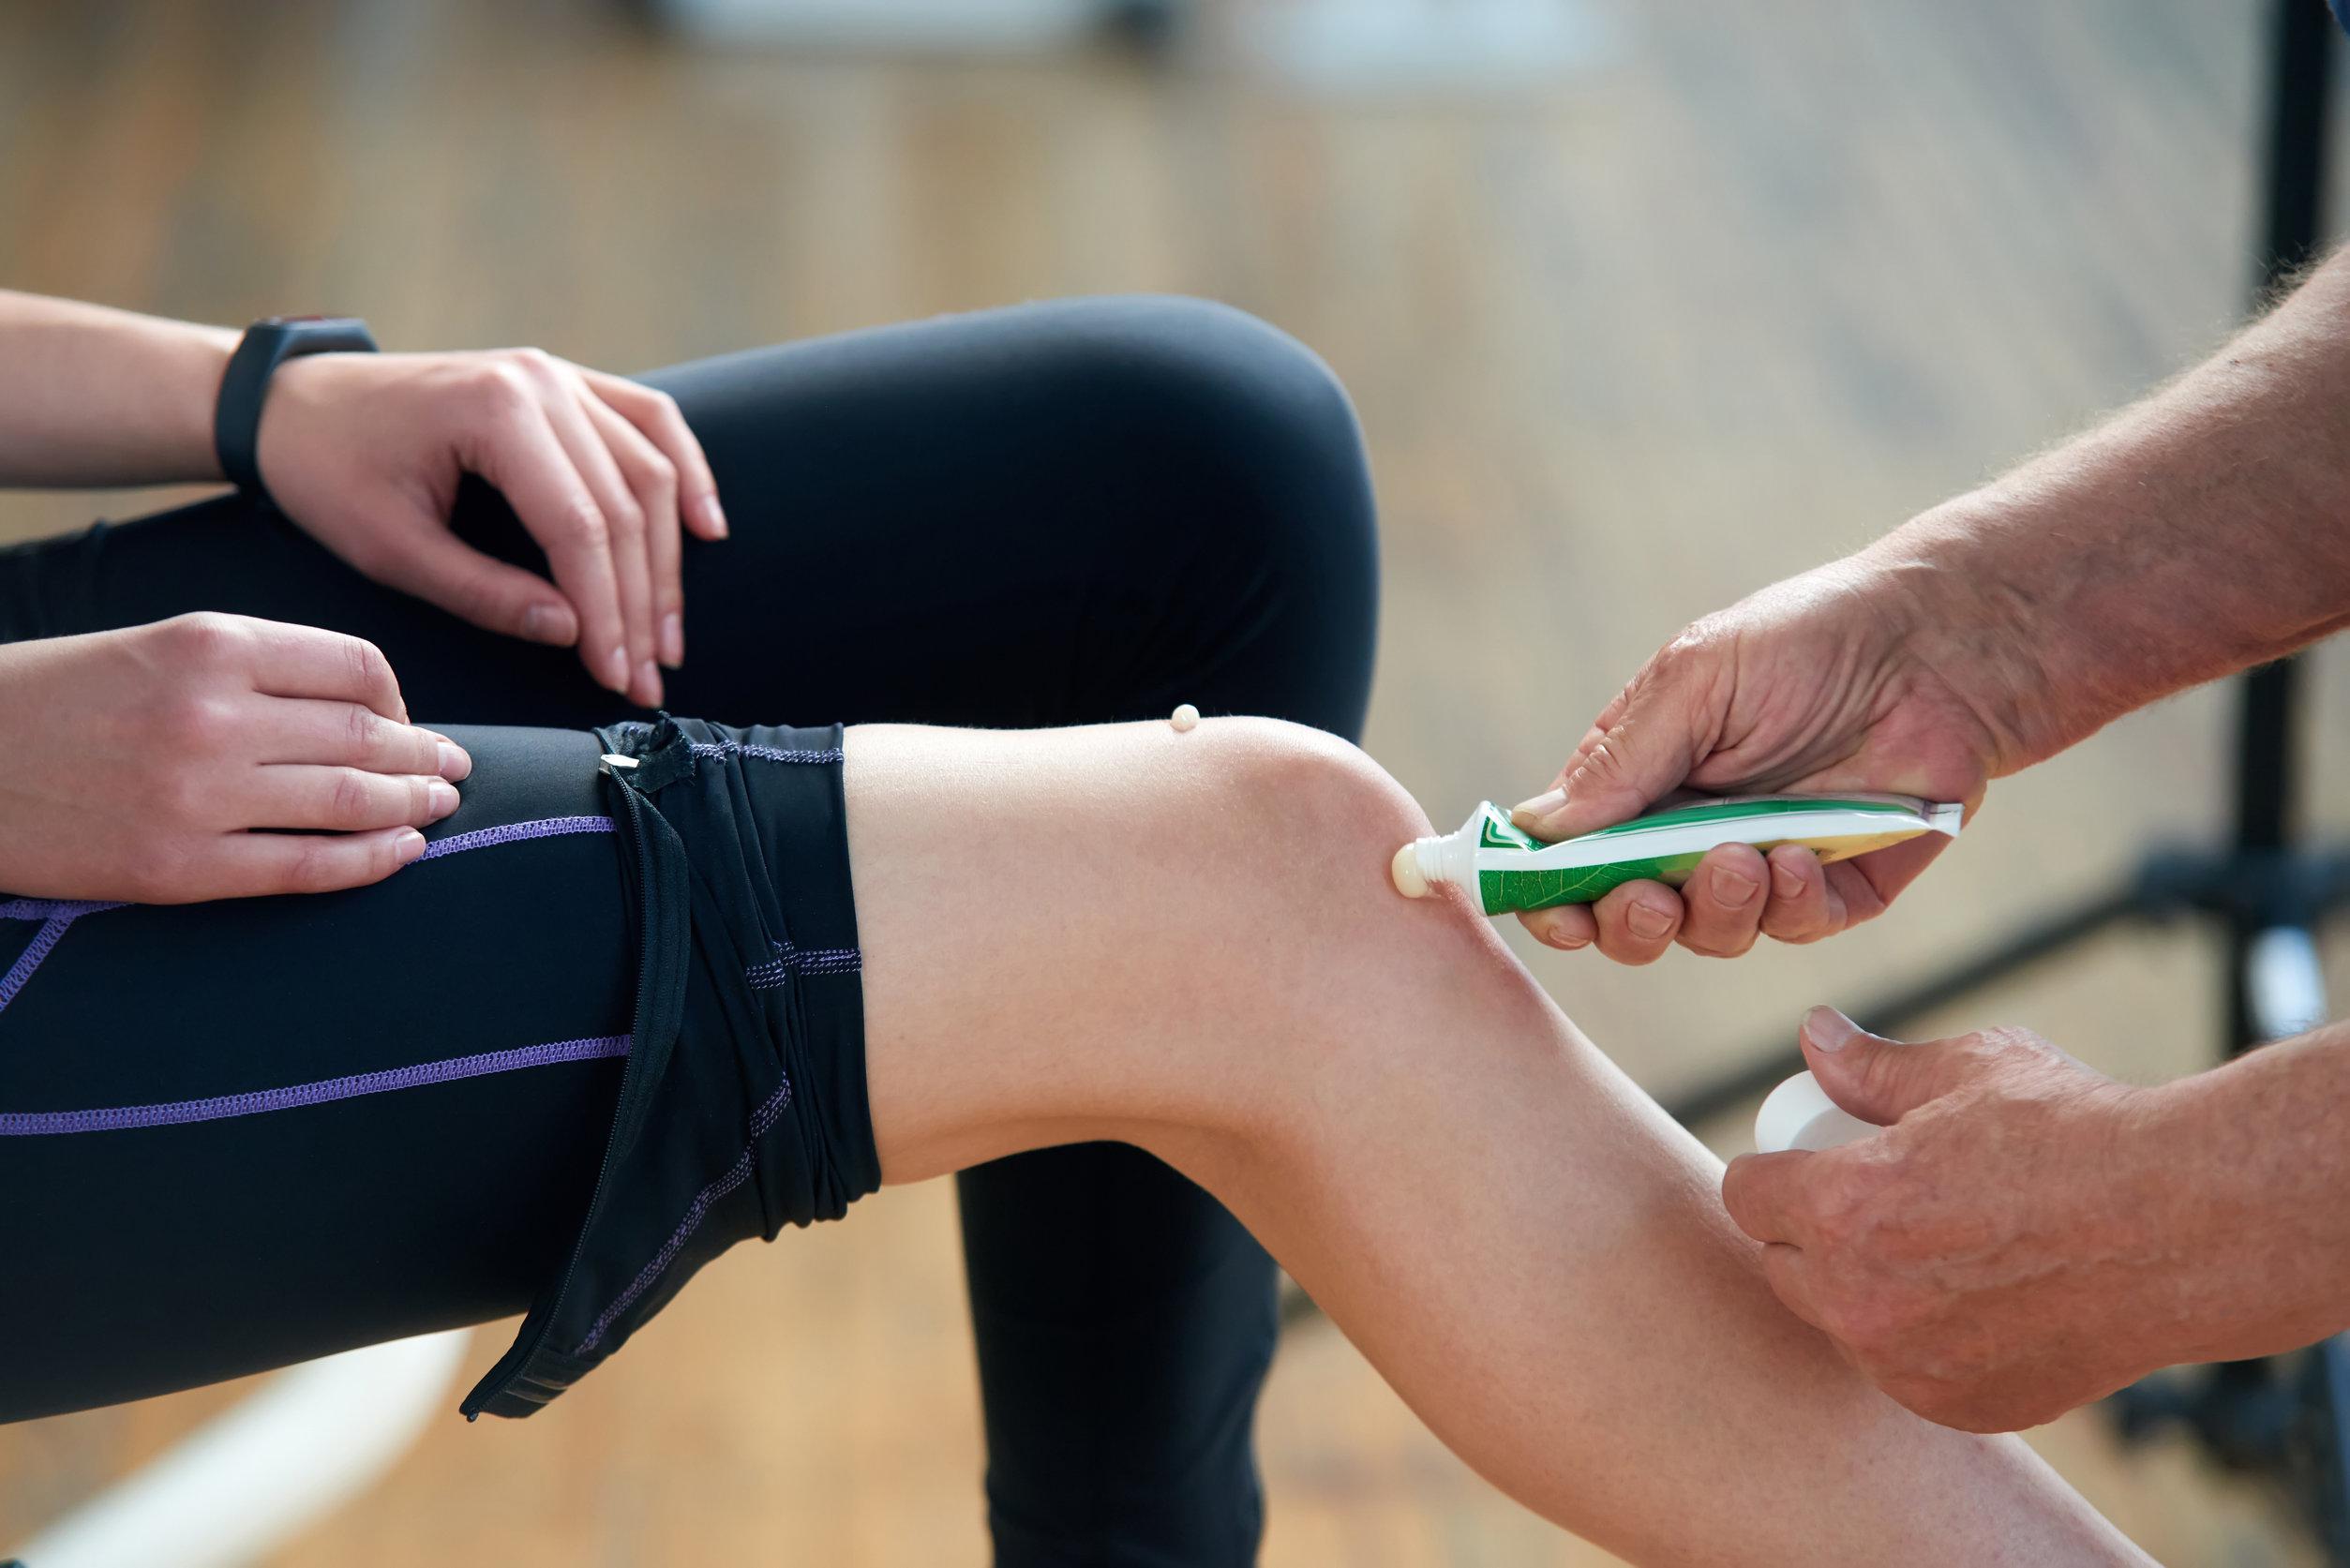 Crema para dolores musculares: ¿Cuál es la mejor del 2021?